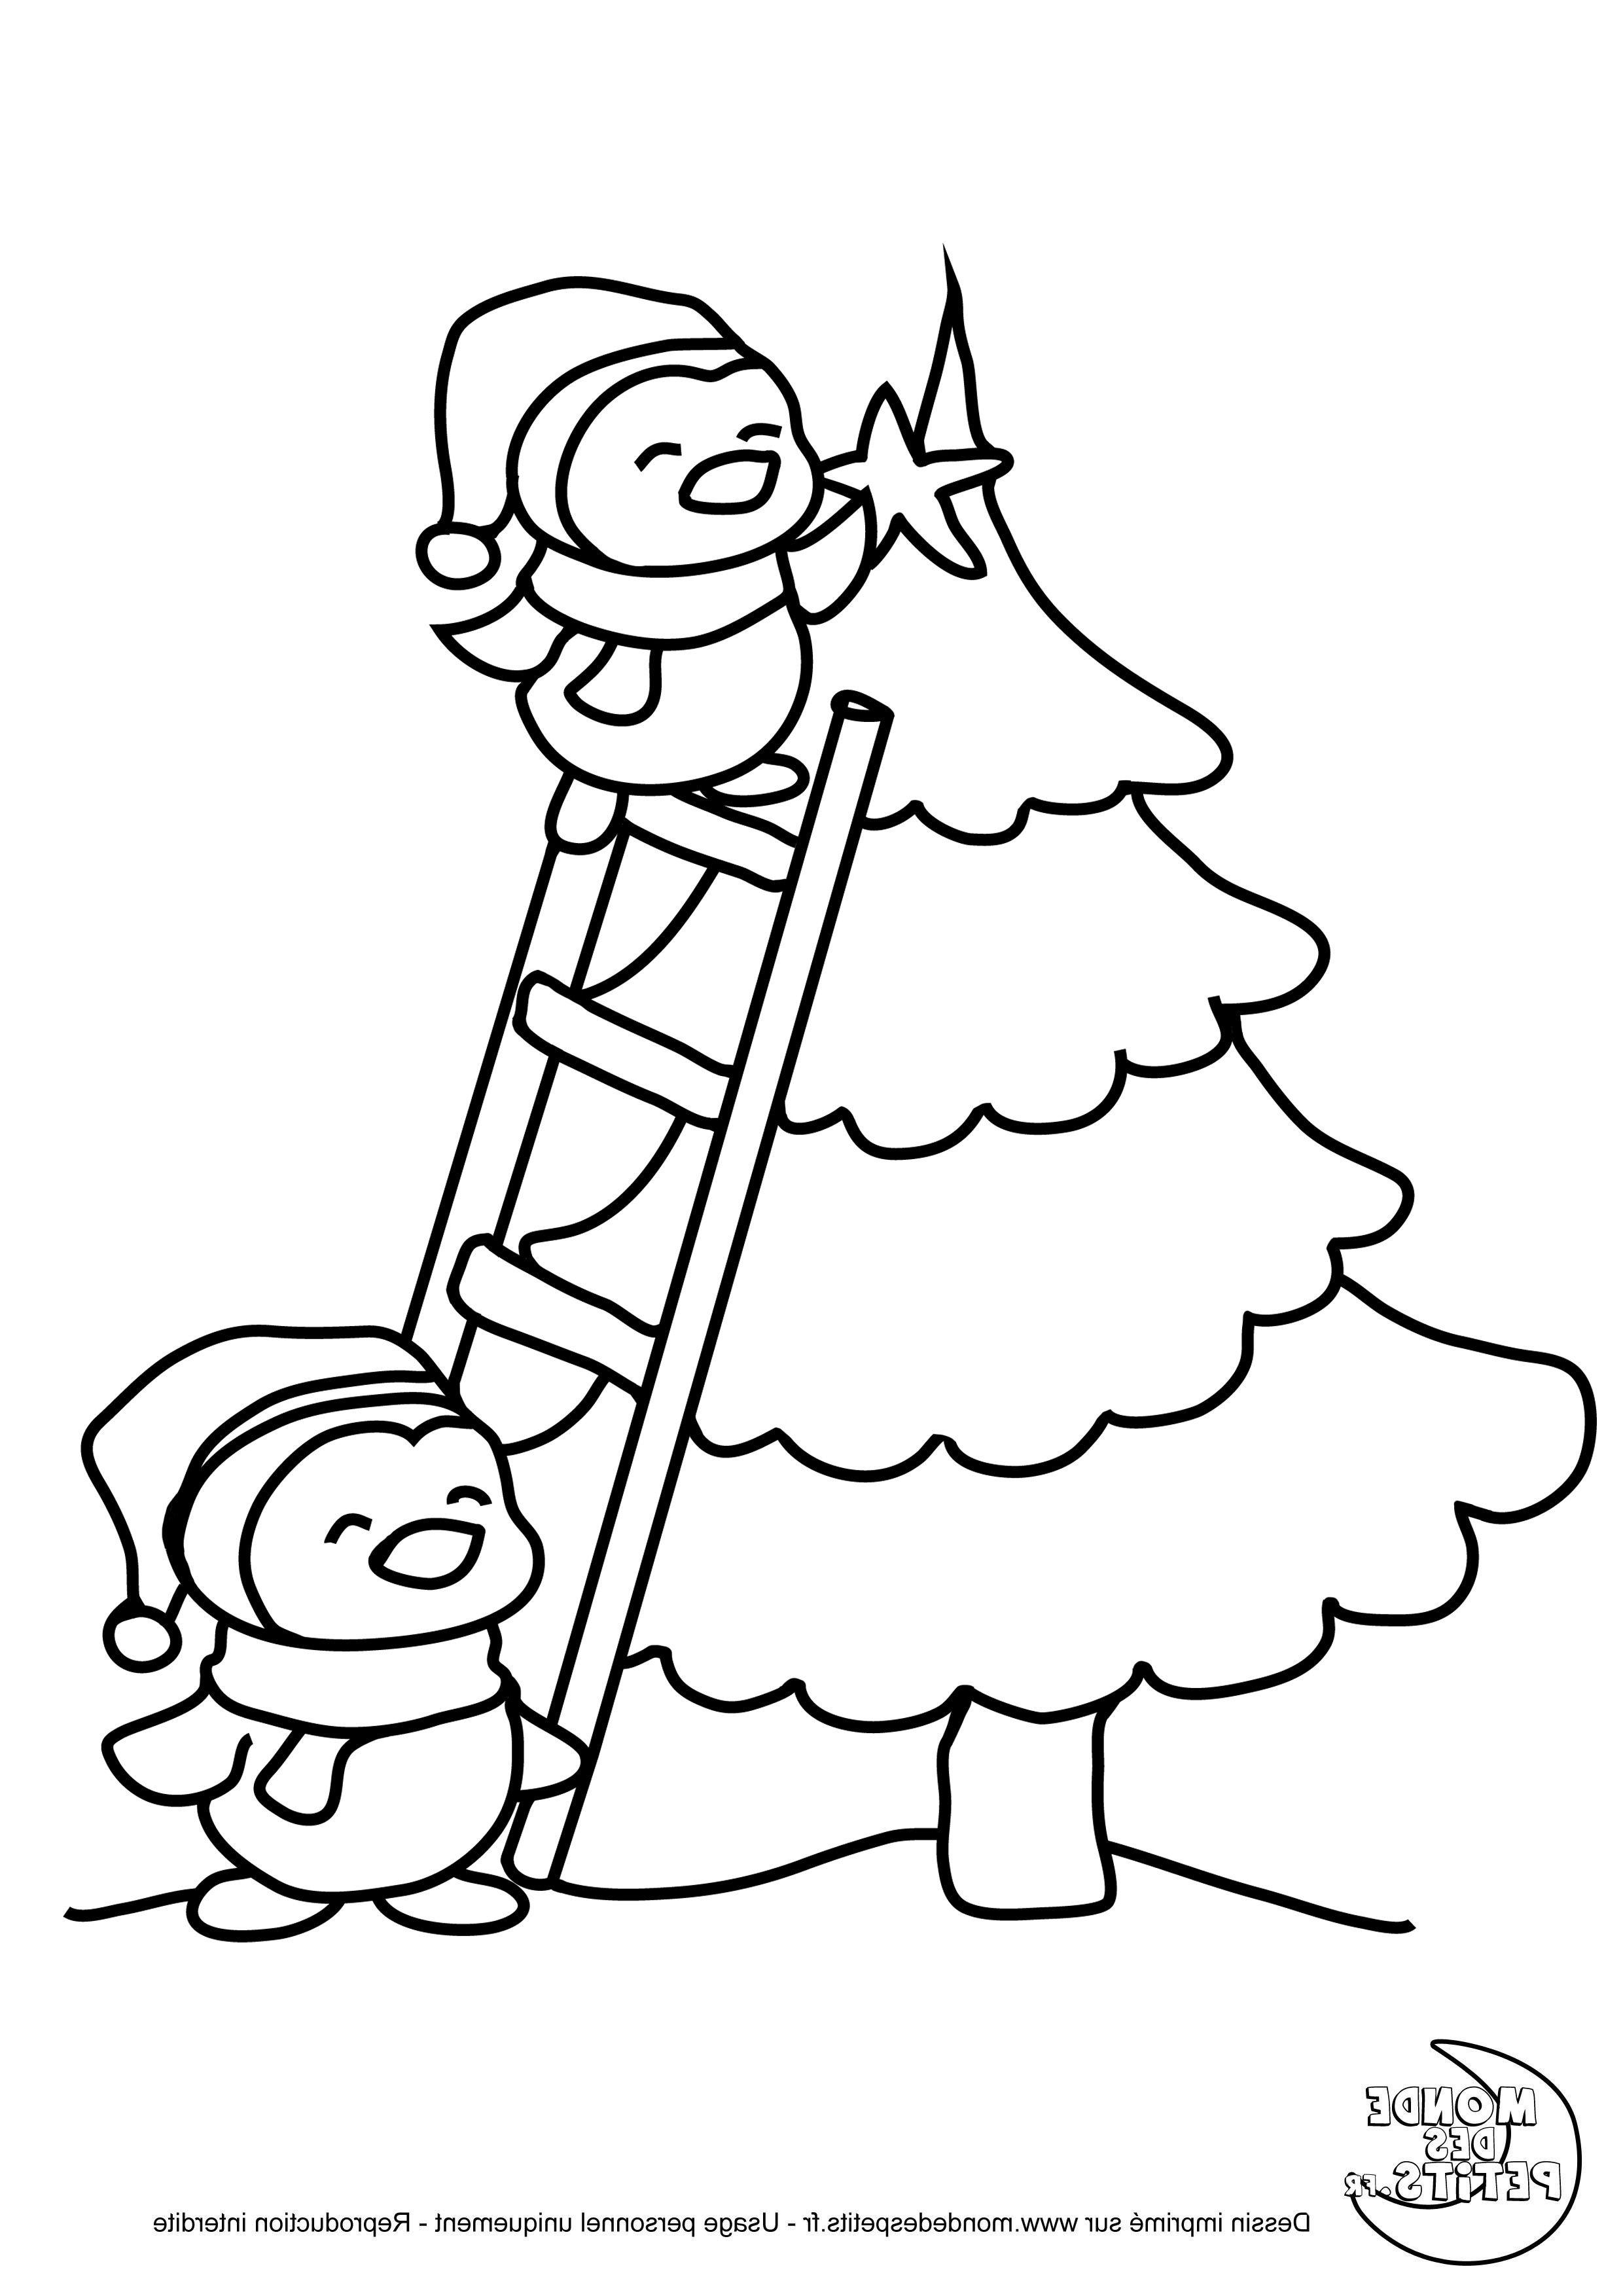 Monde Des Petits Coloriages A Imprimer Coloriage Noel Coloriage Sapin De Noel Dessin De Noel Facile